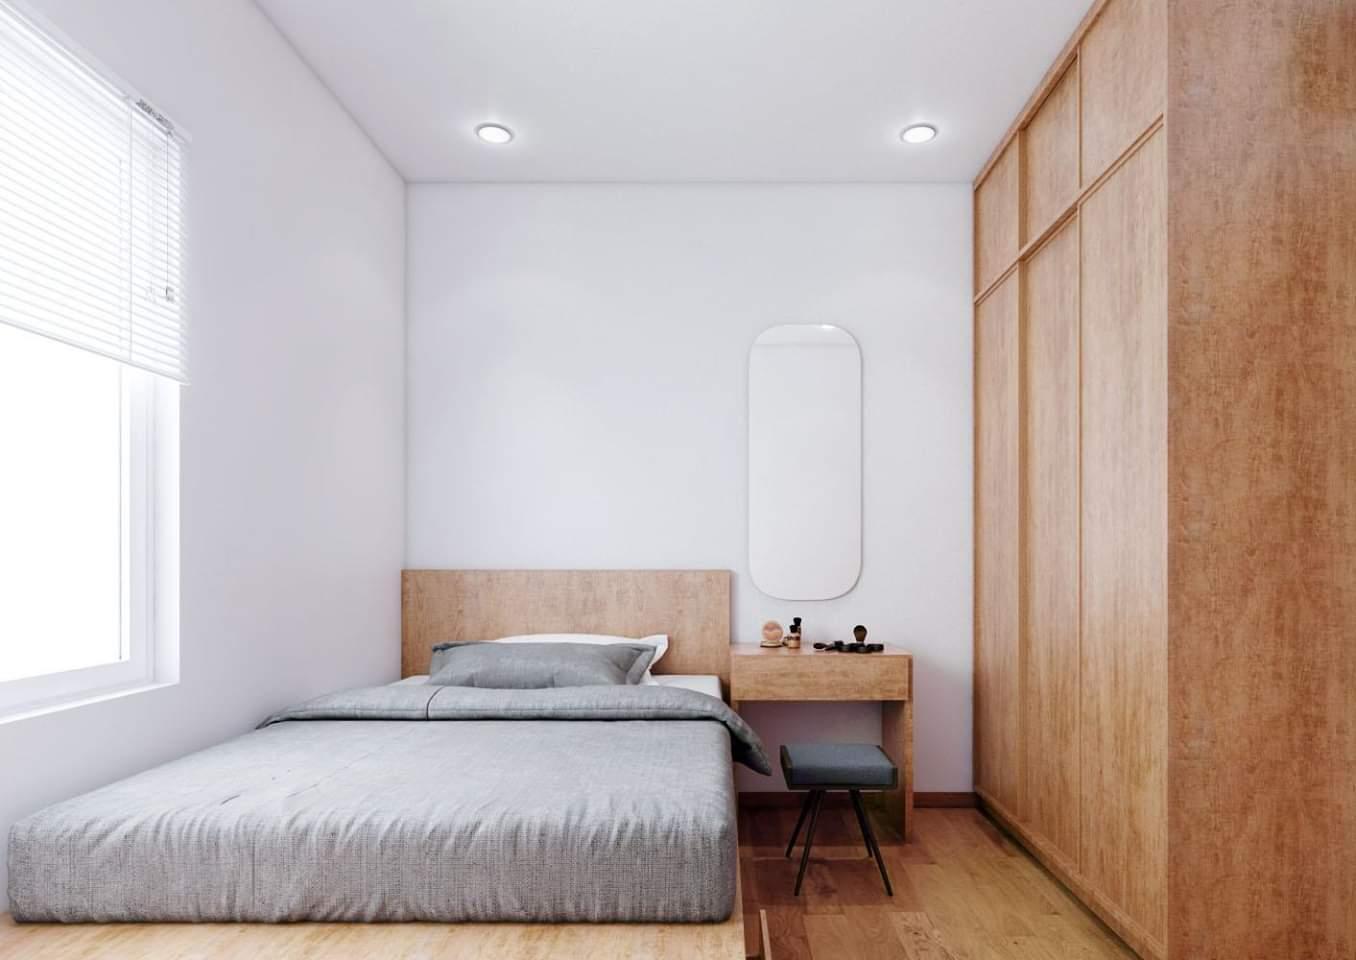 - Phối cảnh nội thất phòng ngủ Master căn hộ chung cư The Era Town - Quận 7